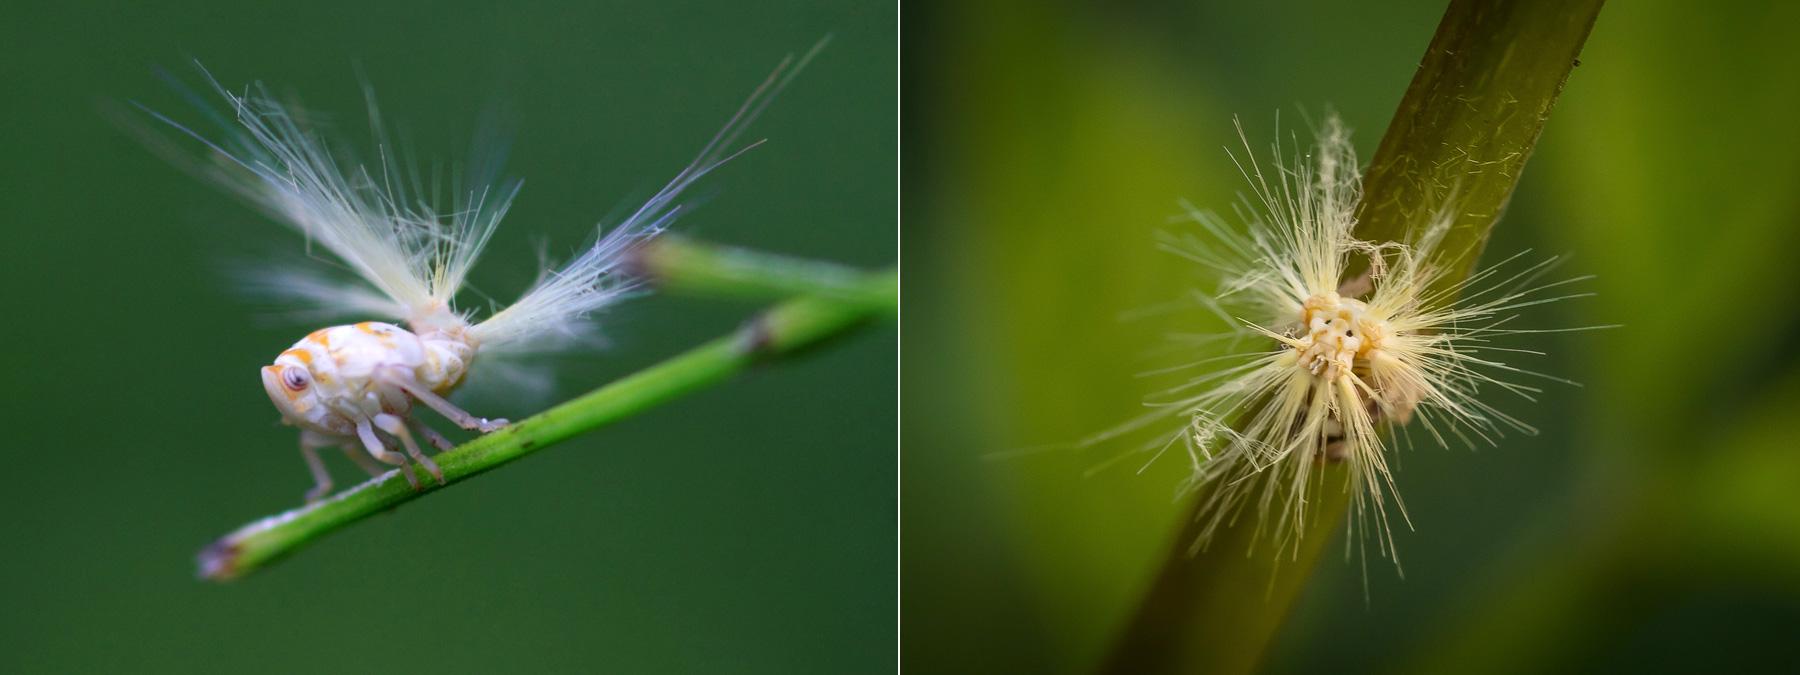 всеми любимый личинка цикады с пушистым хвостом фото вероятно уважения